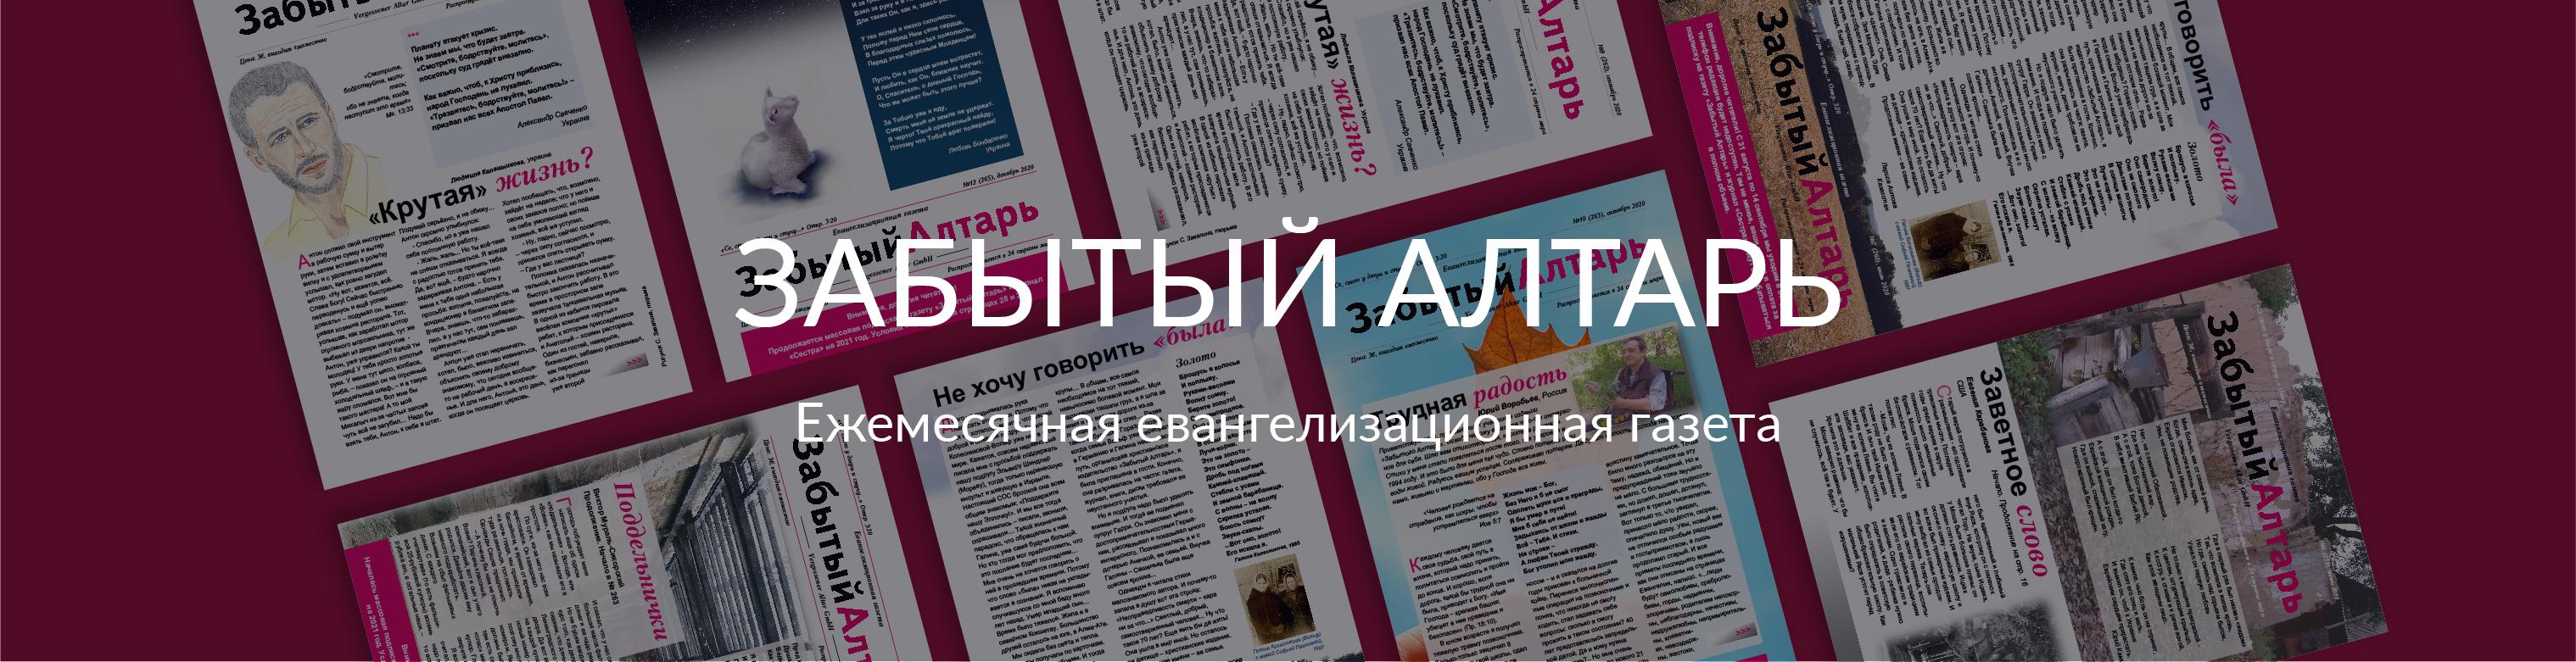 03 Христианская газета